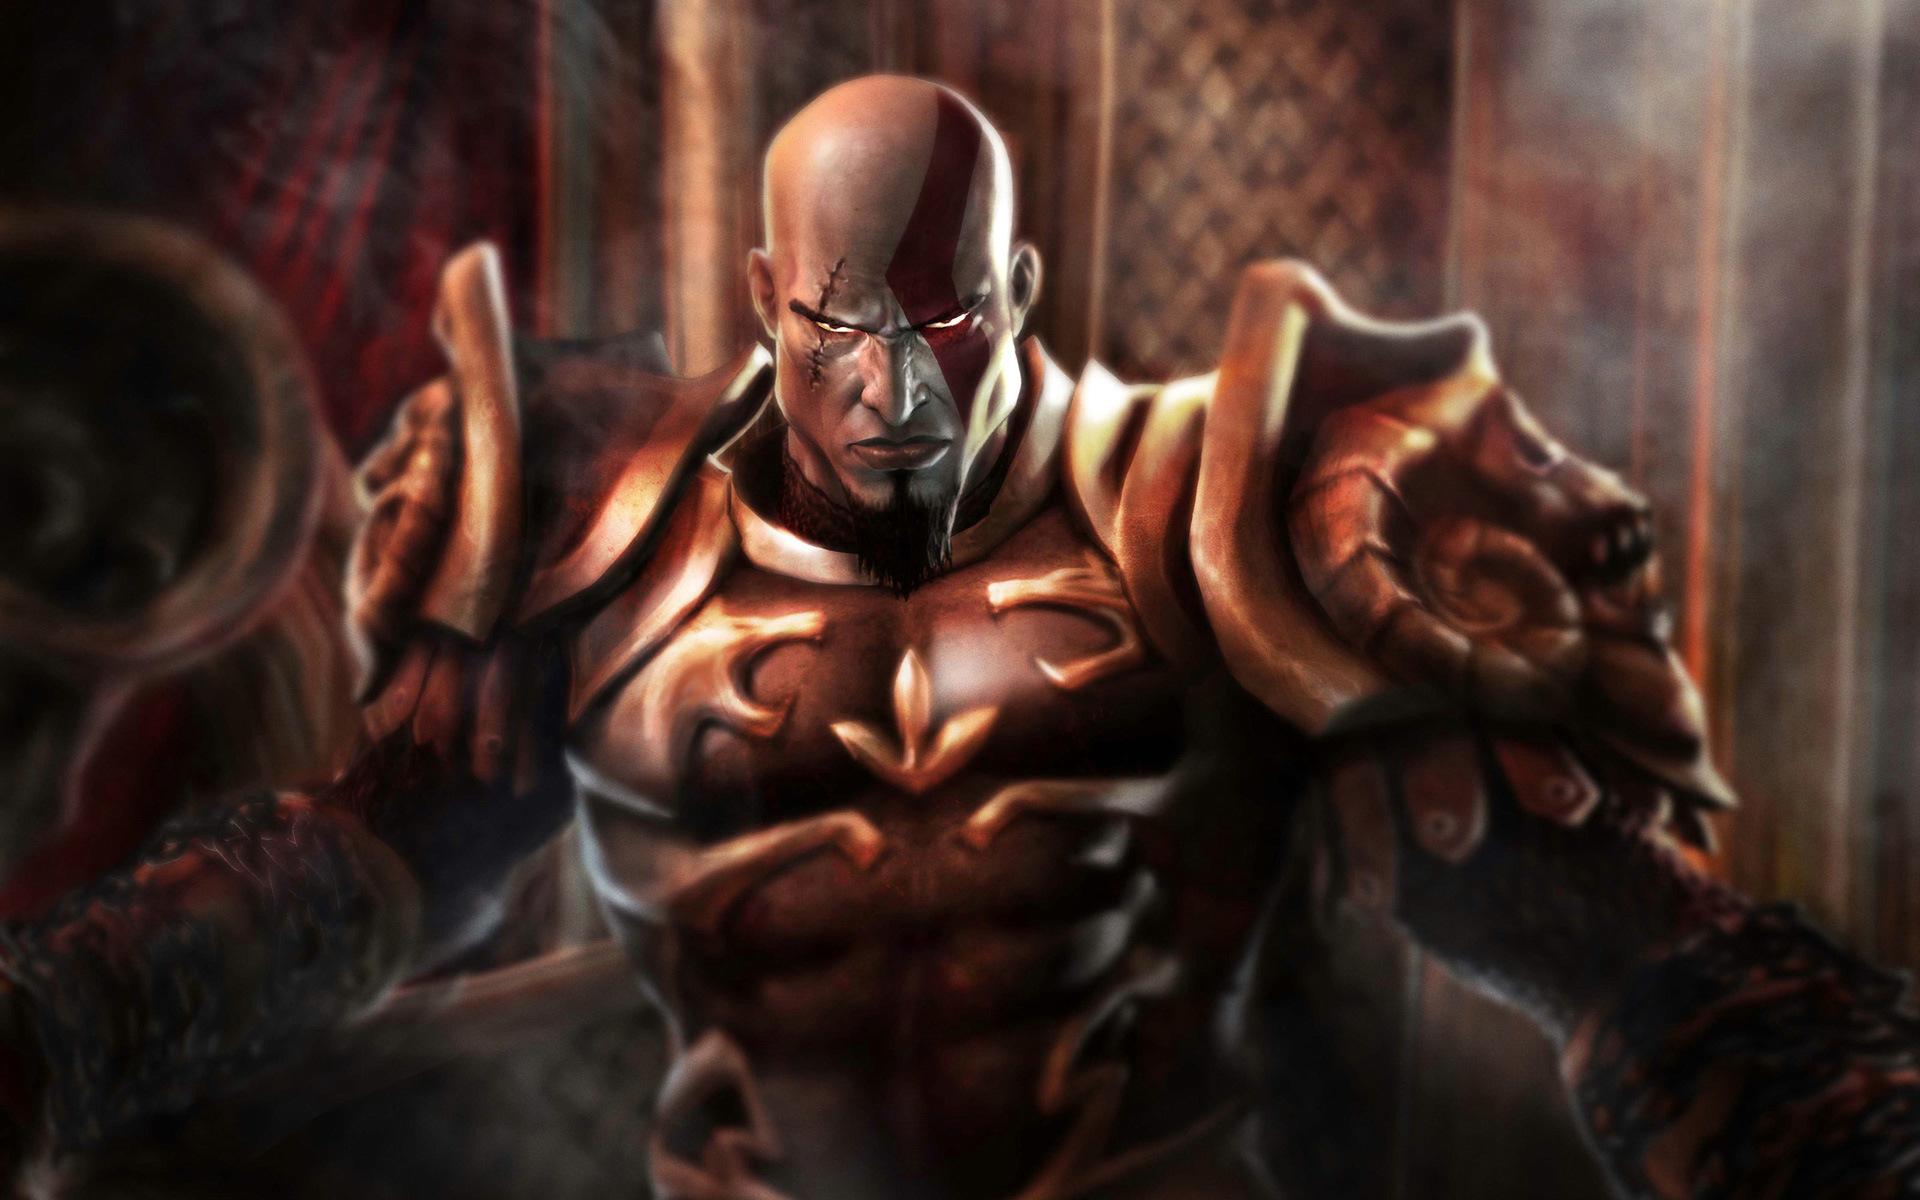 god-of-war-2-kratos-1920x1200.jpg